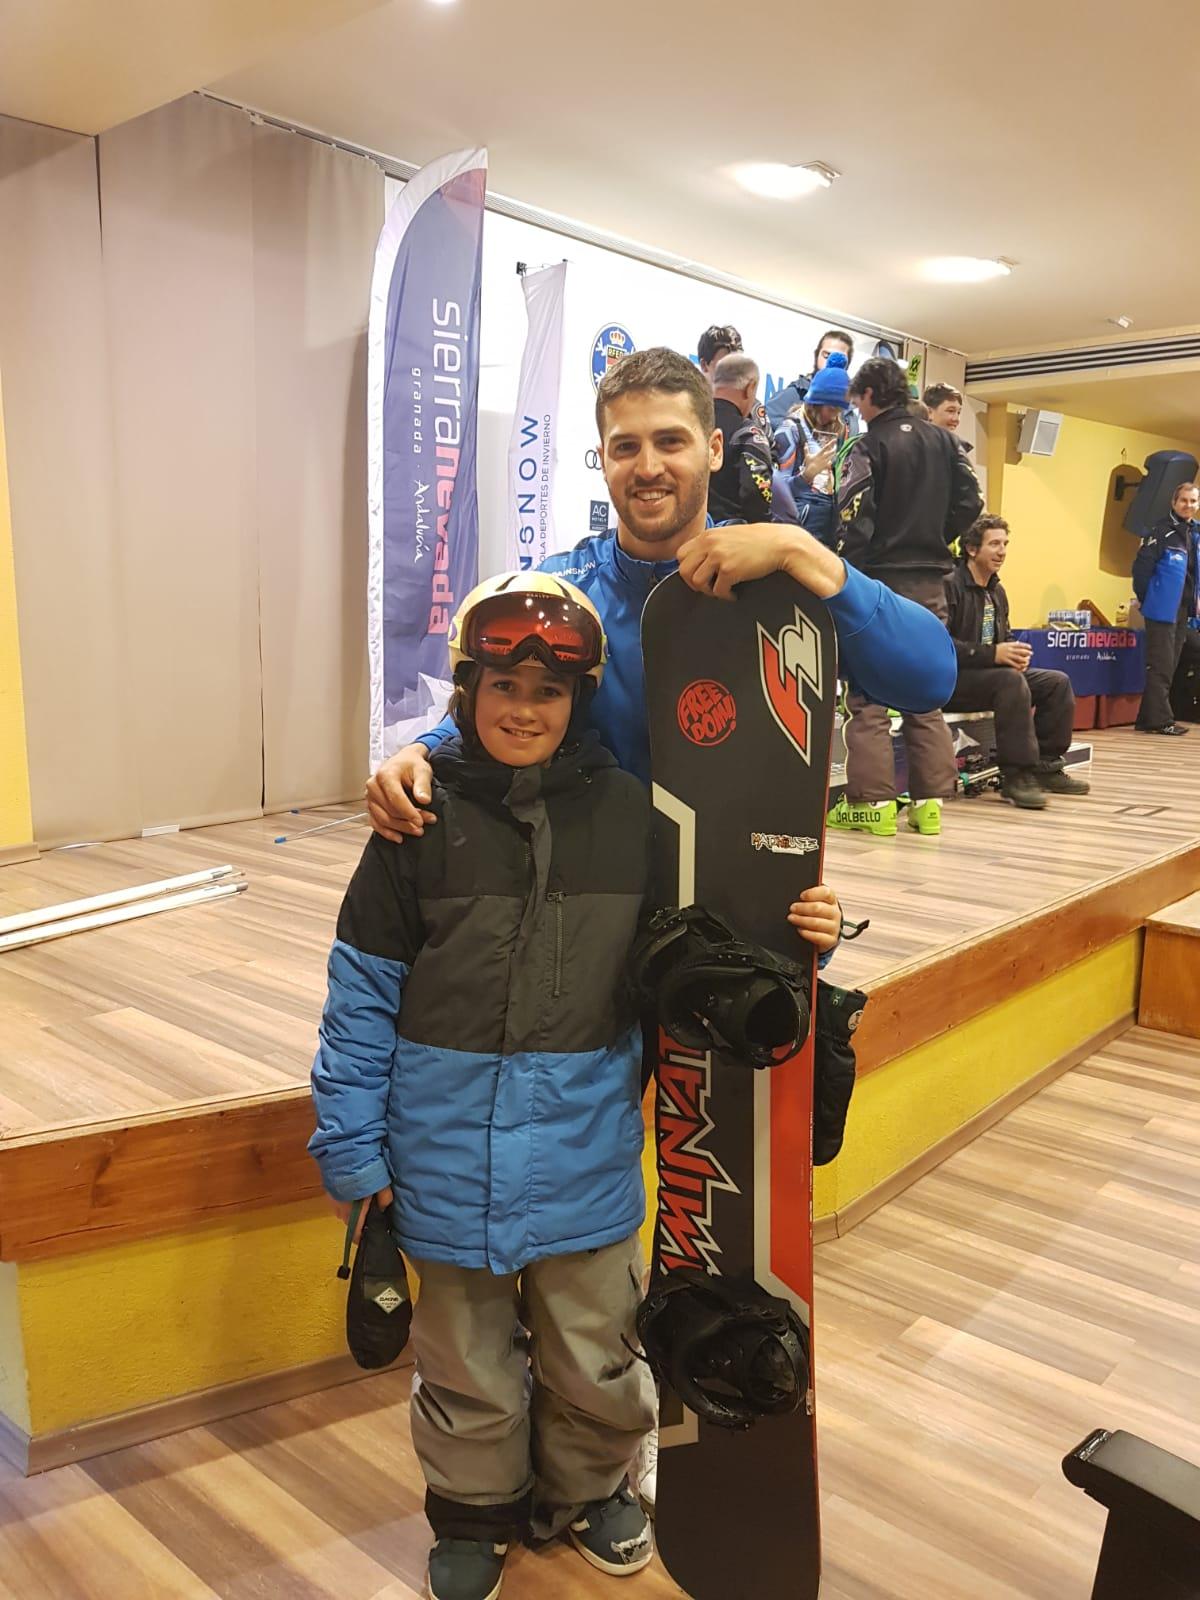 El jarrero Samuel Capellán, subcampeón de España de Snowboard en Sierra Nevada 2